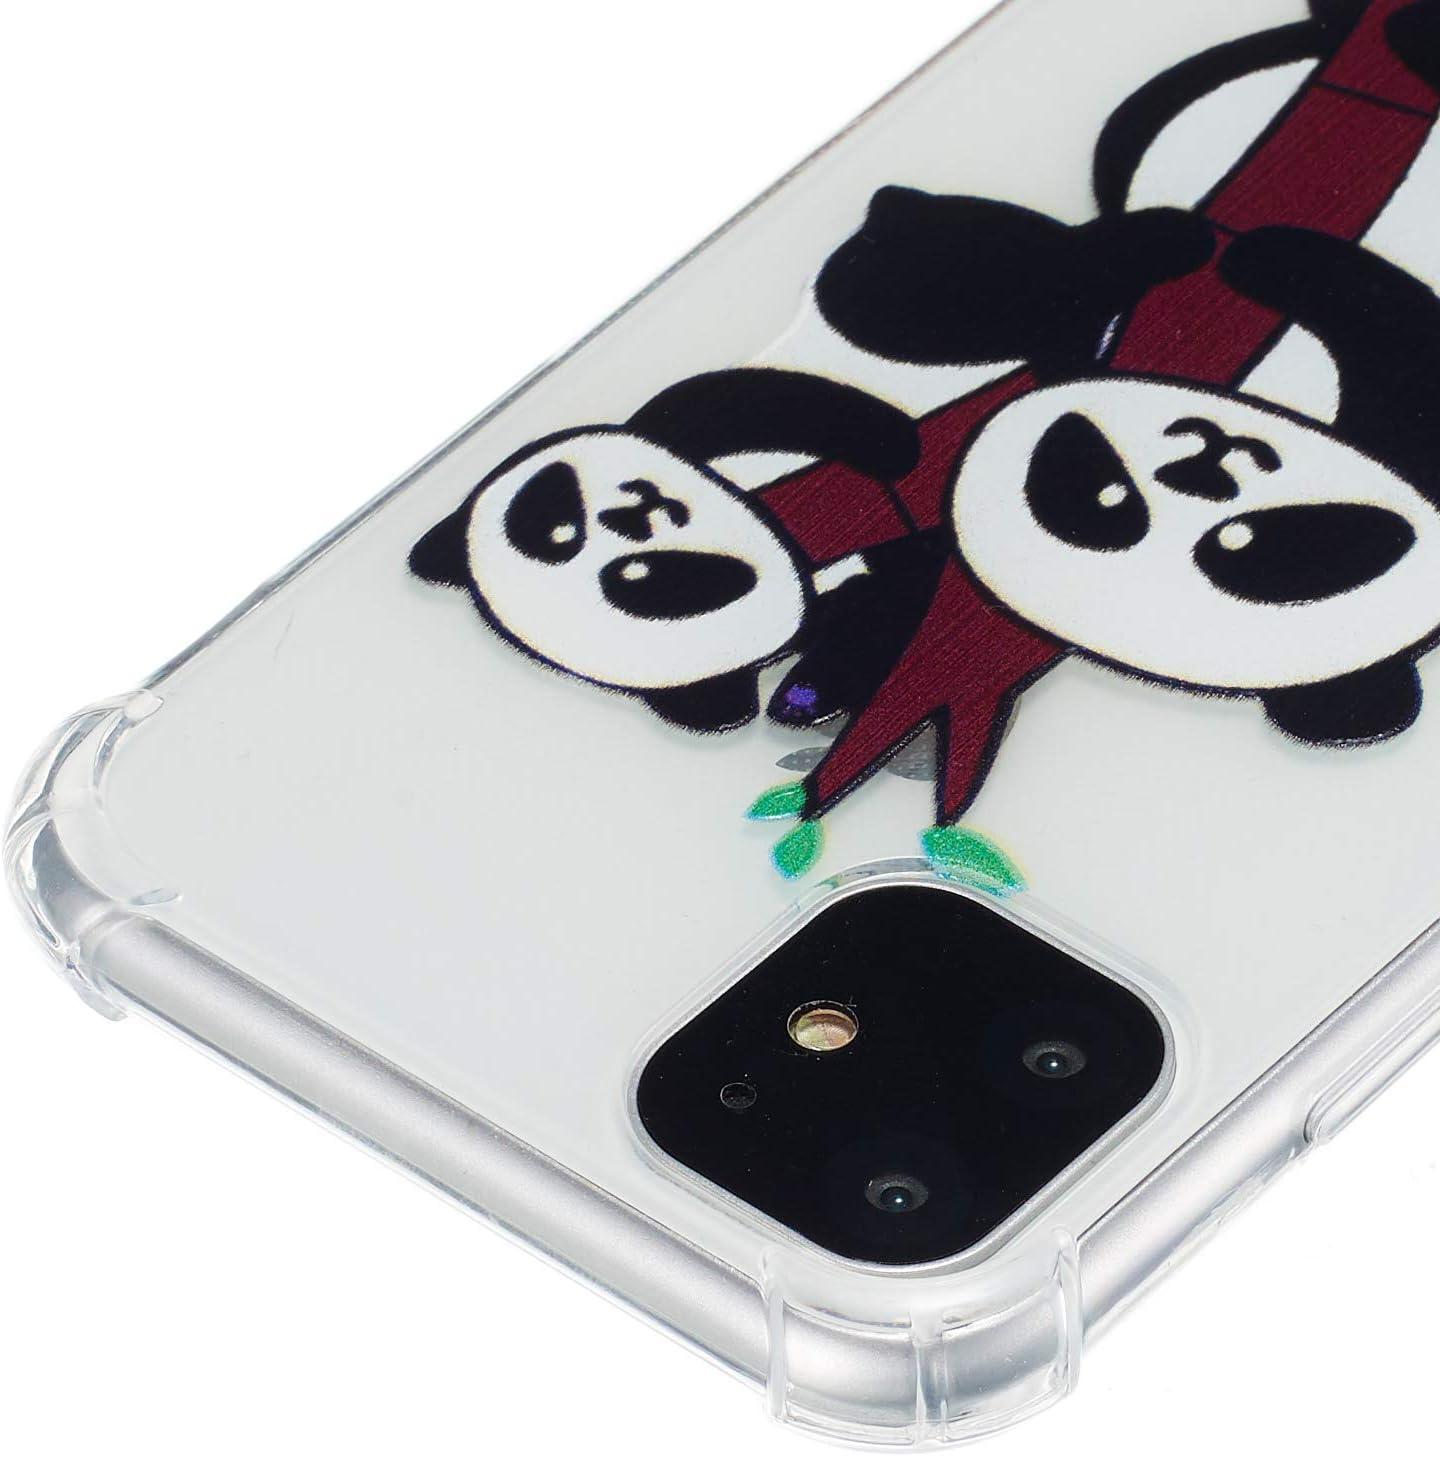 Cerf Flexible Plein-Corps TPU Bumper Housse Etui de Protection Boloker Coque Compatible iPhone 11 6,1 Pouces /Él/égant Peinture /à lhuile Motif /Étui en Silicone Souple avec Verre Tremp/é